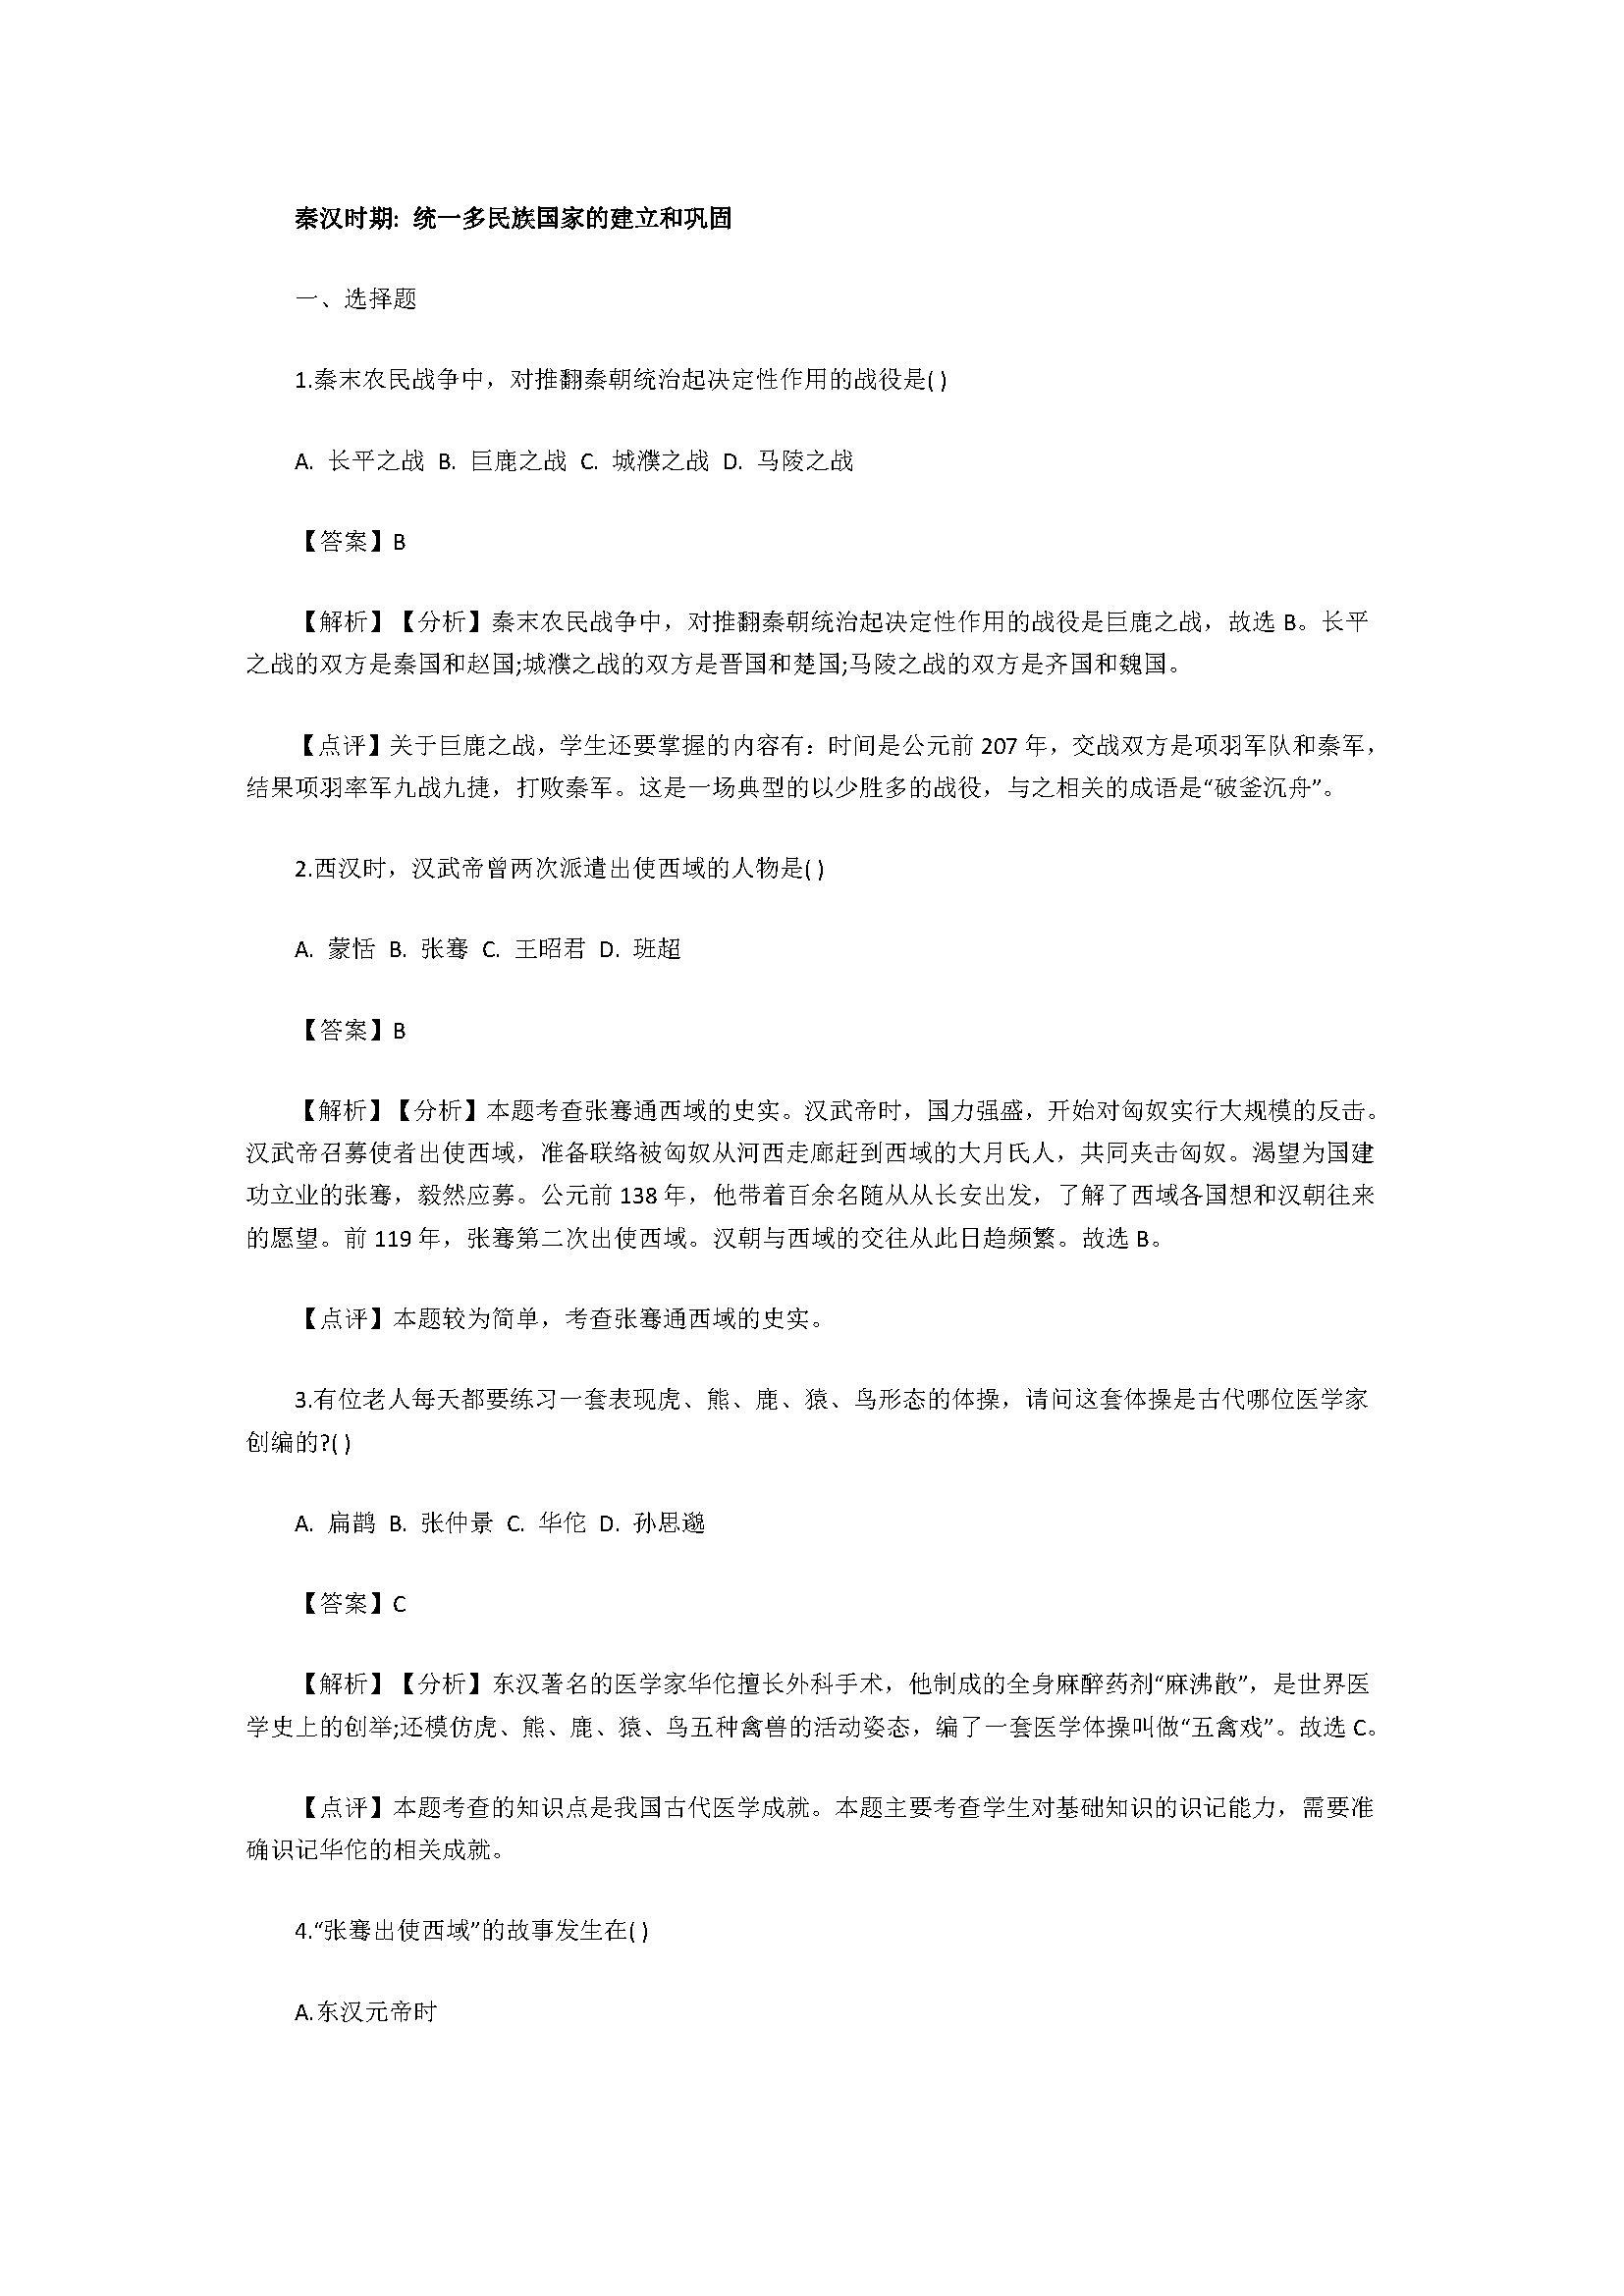 新人教版2018七年级历史上册单元测试题含答案(秦汉时期)